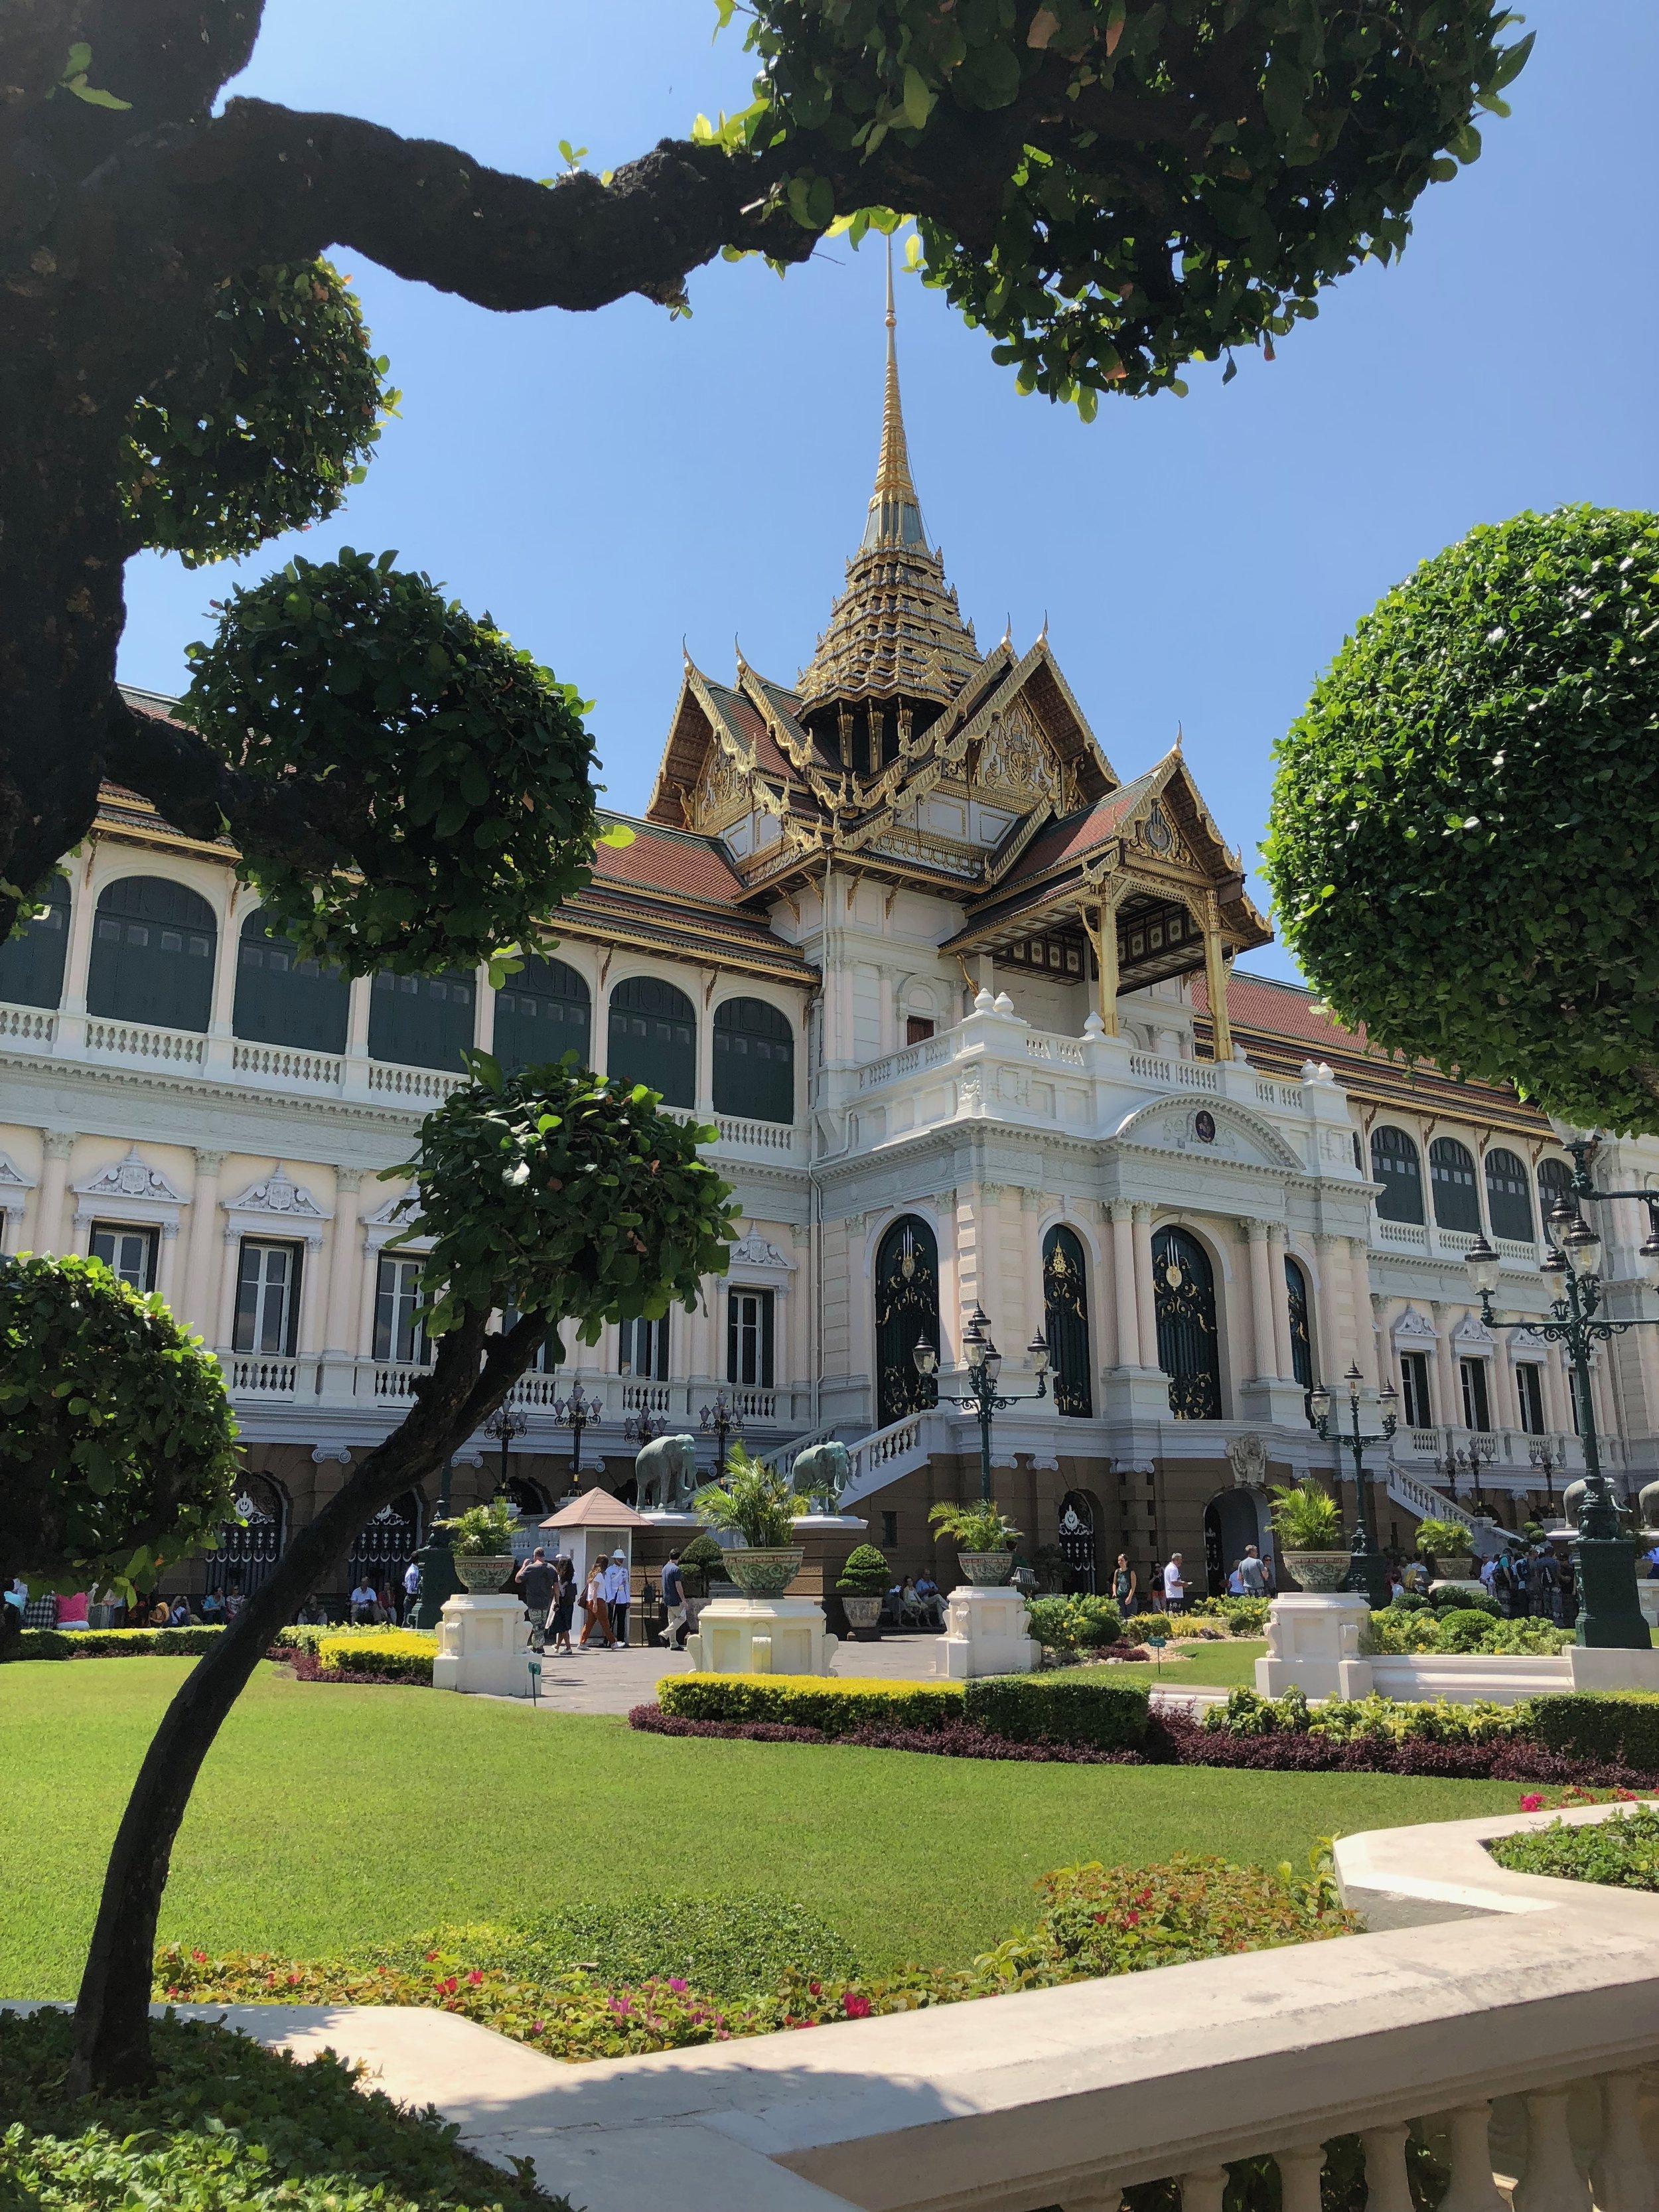 Al final, ¡el Gran Palacio! Estaba rodeada por jardines lindas.